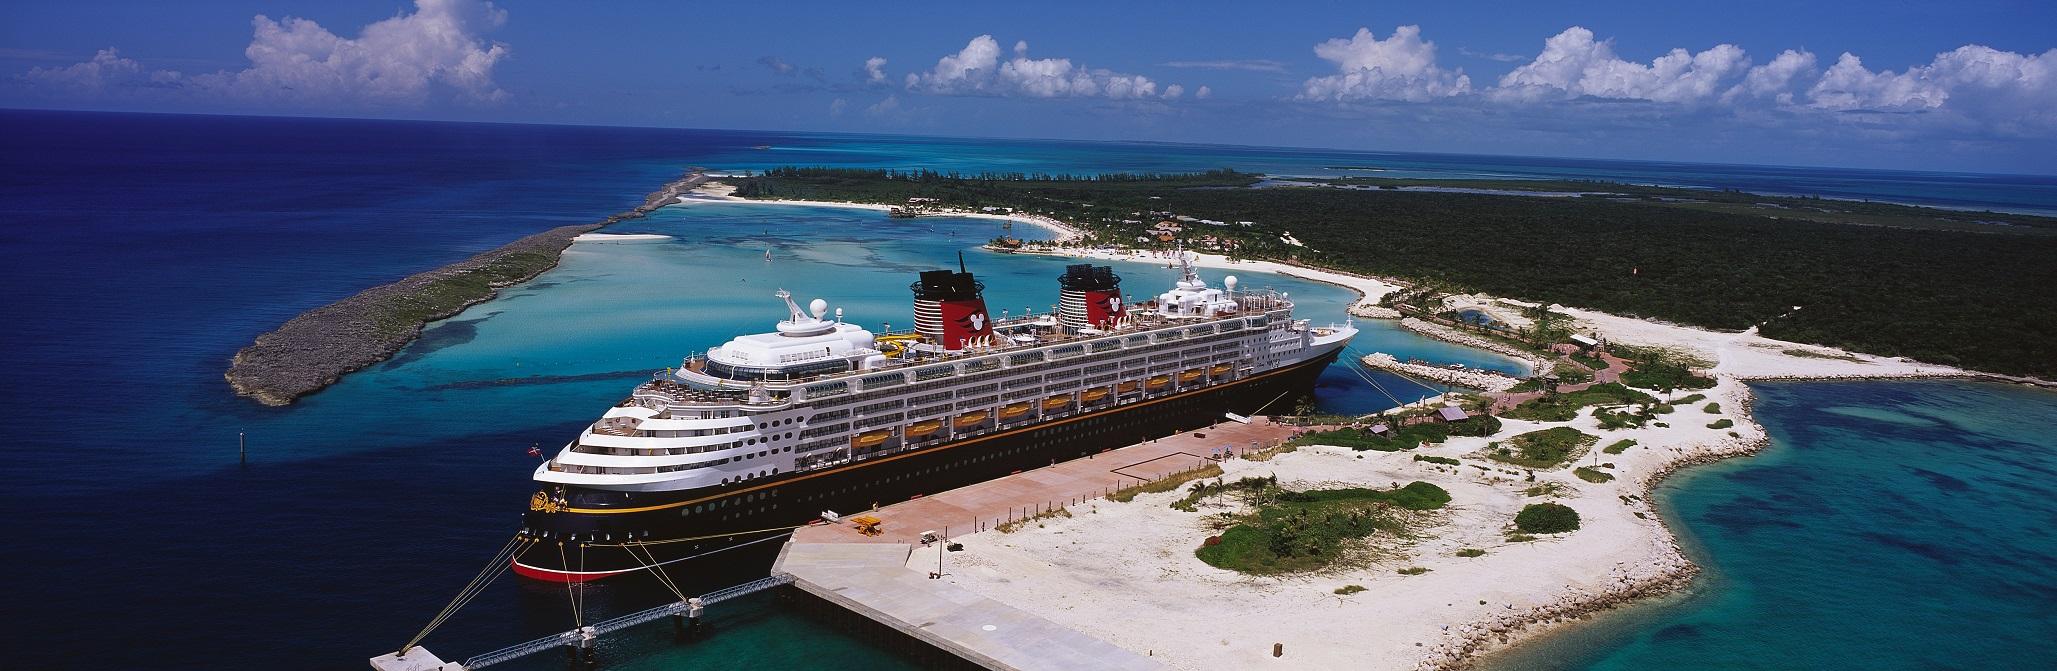 Son peligrosas unas vacaciones en crucero por el Triángulo de las Bermudas